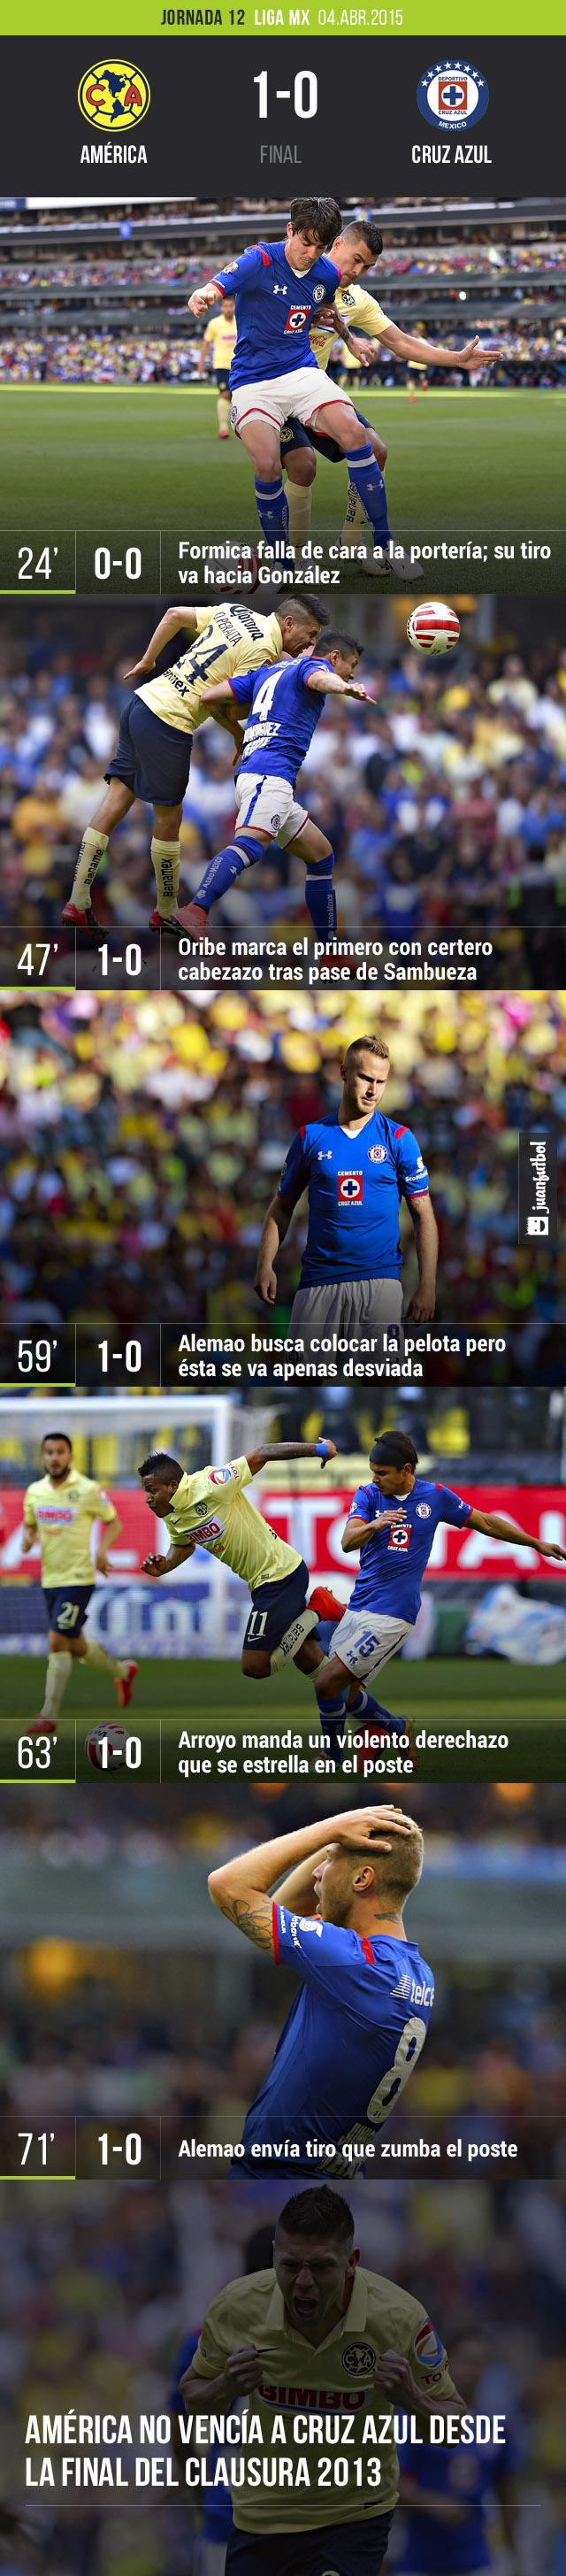 América venció por la mínima a Cruz Azul y se reencontró con la victoria en el Clásico Joven